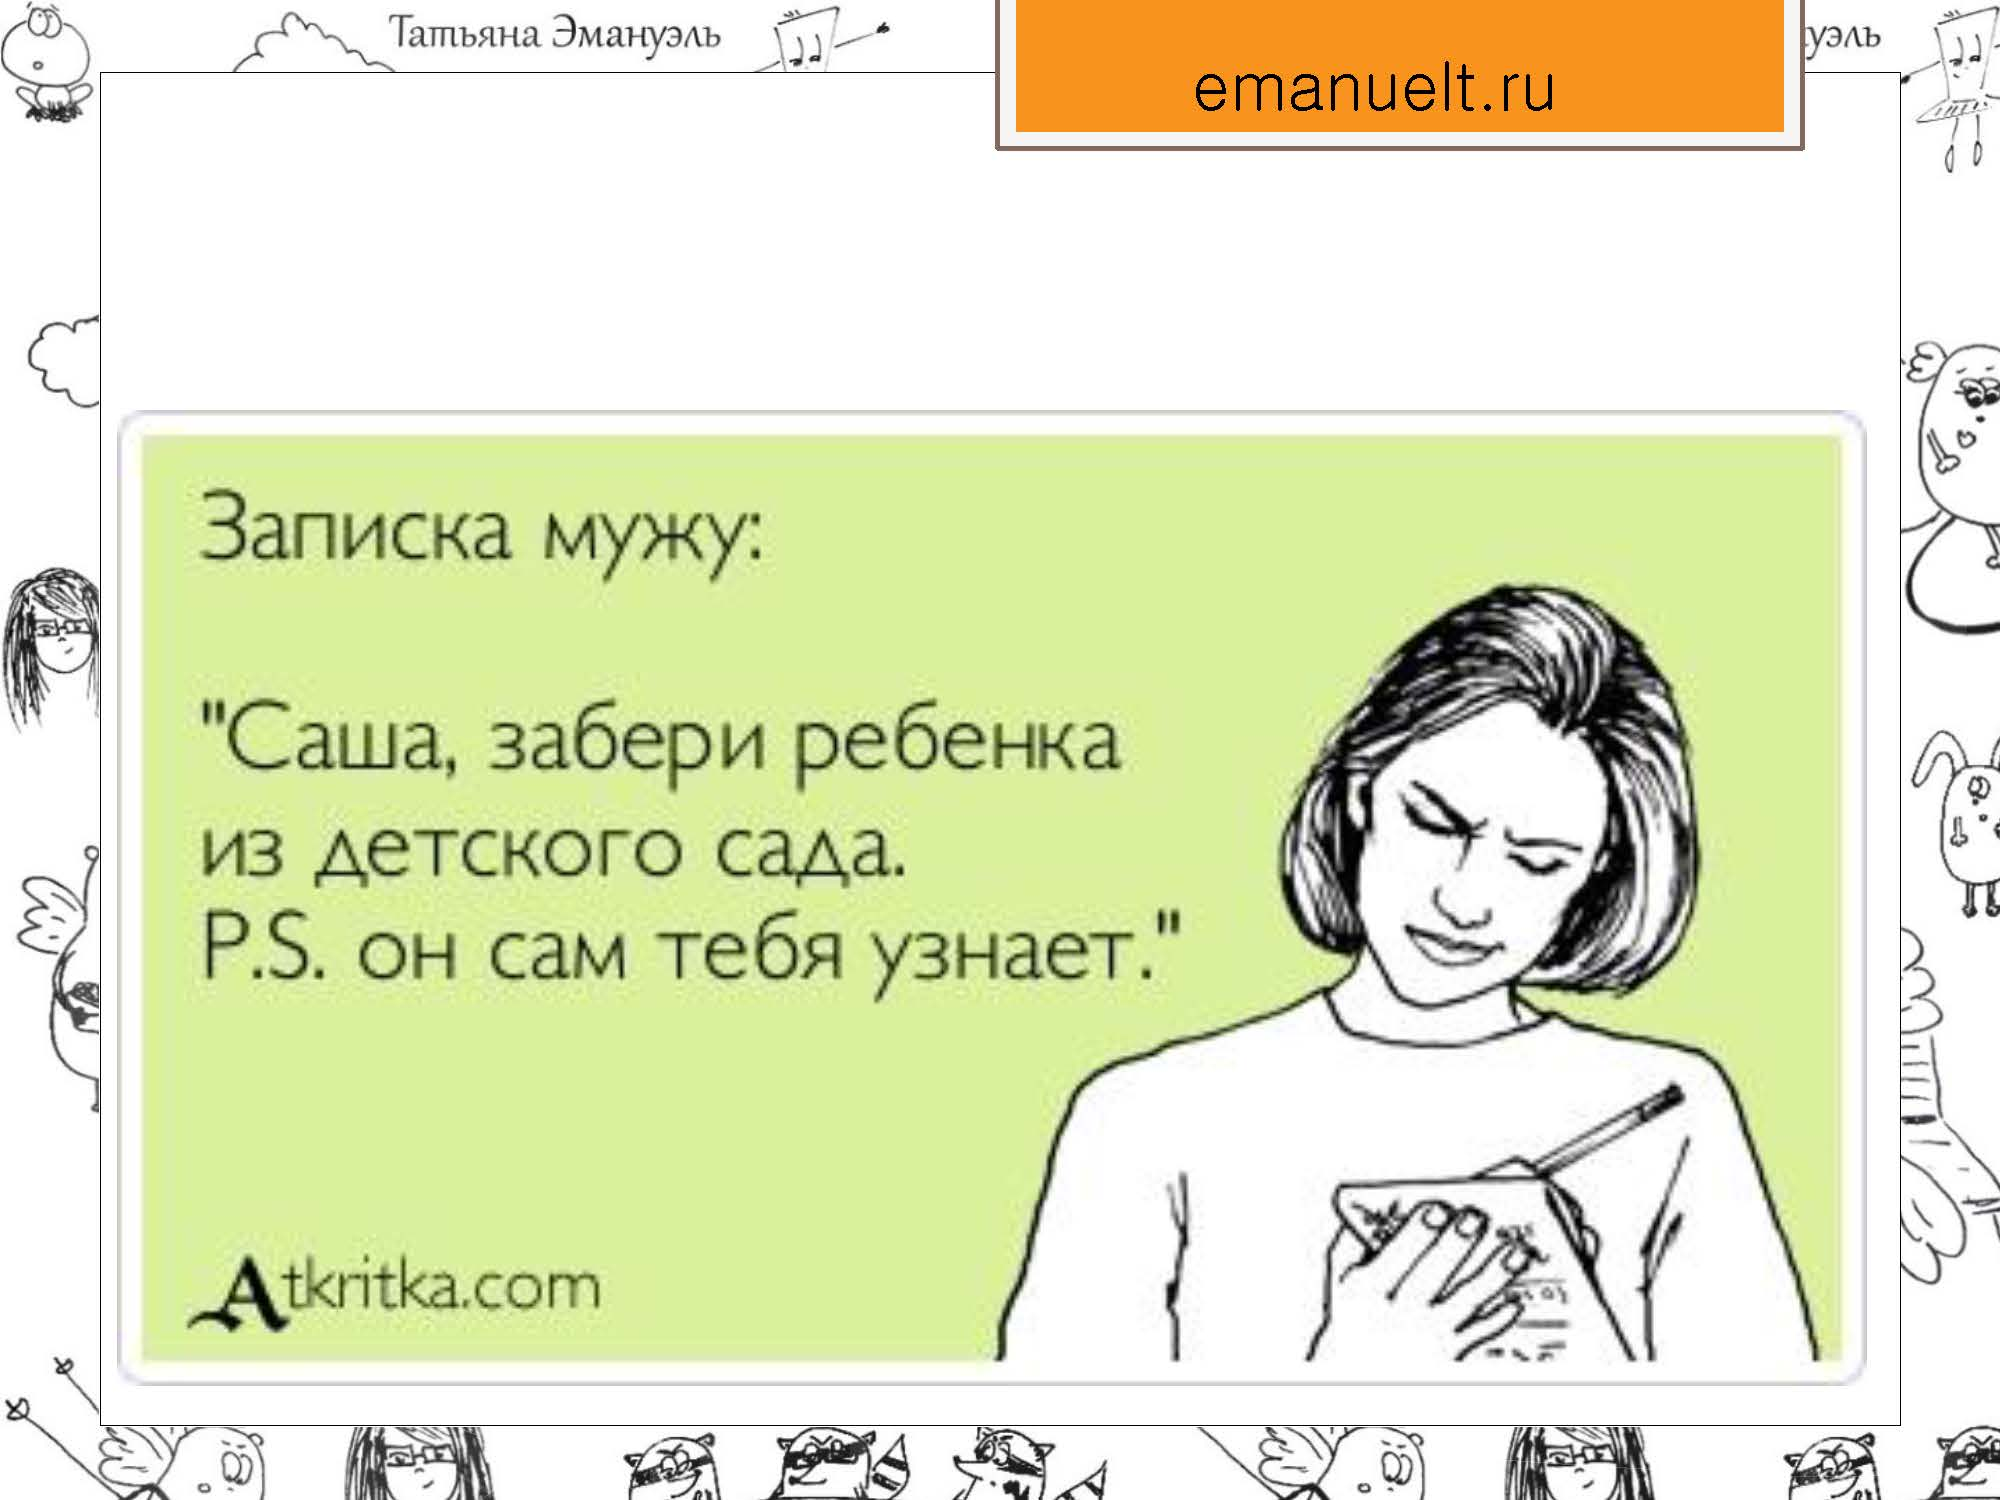 секция 8. Эмануэль Т.С., Московский район_Страница_11